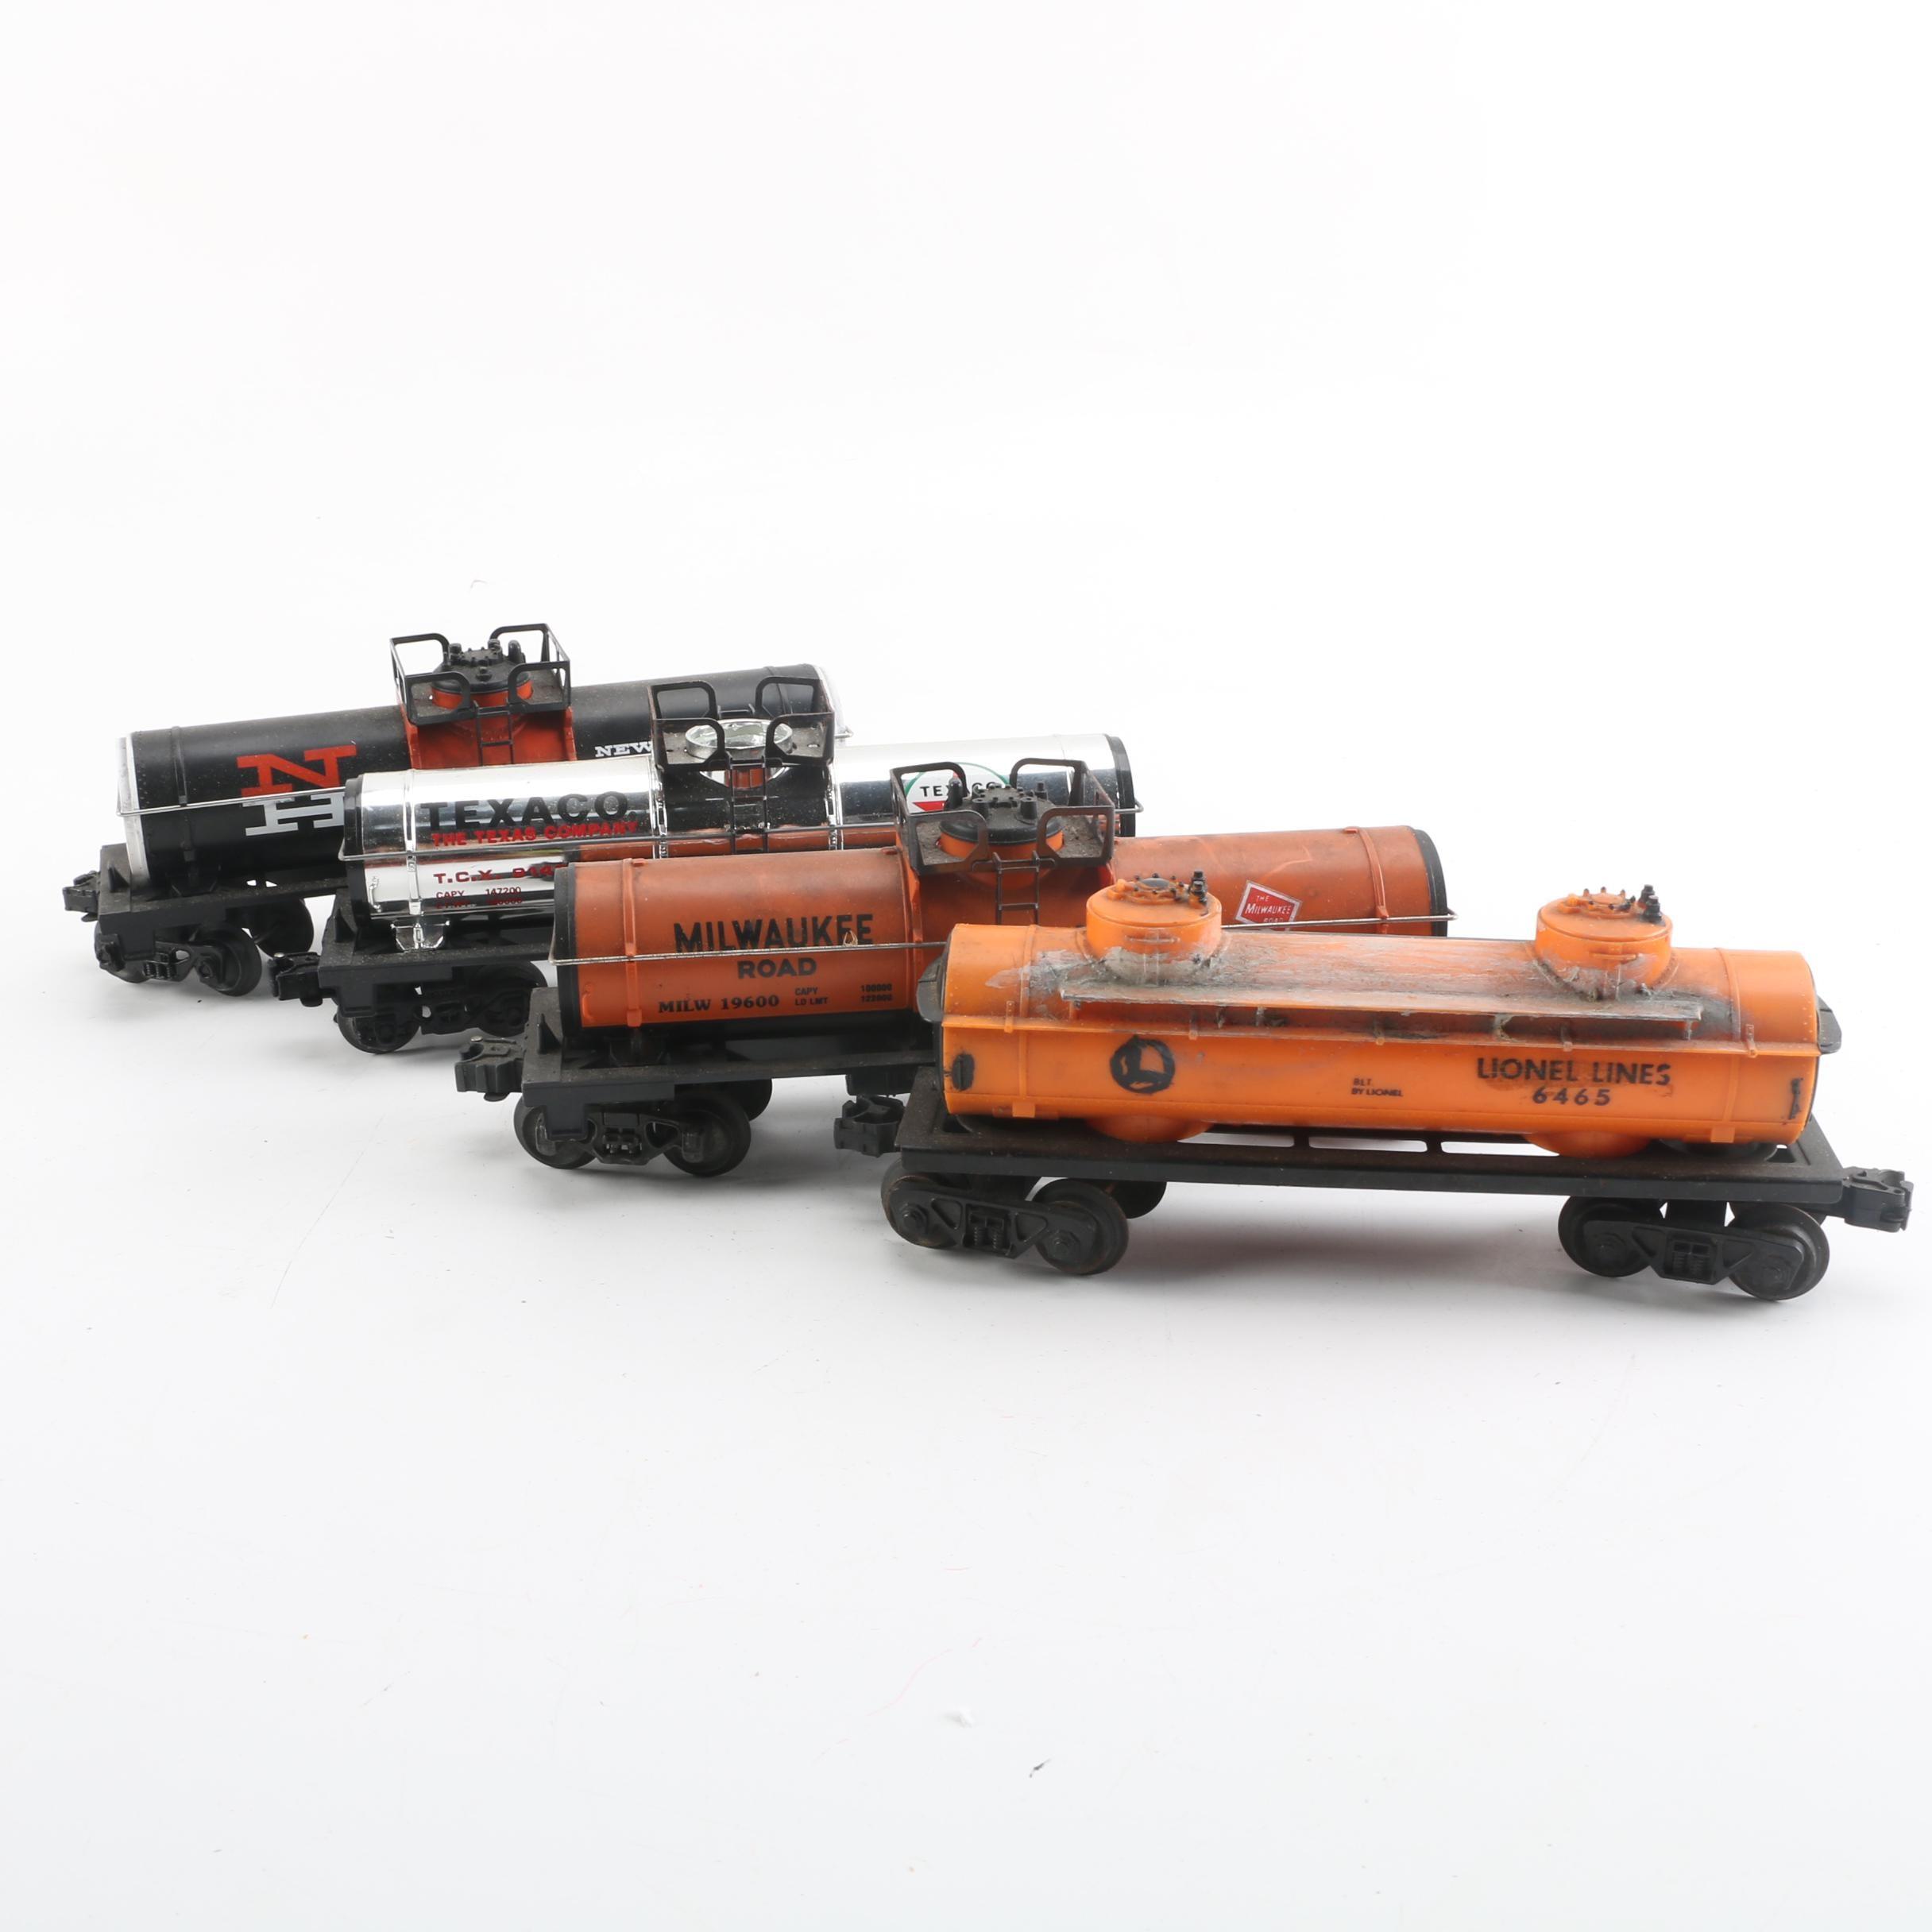 Lionel Tank Train Cars